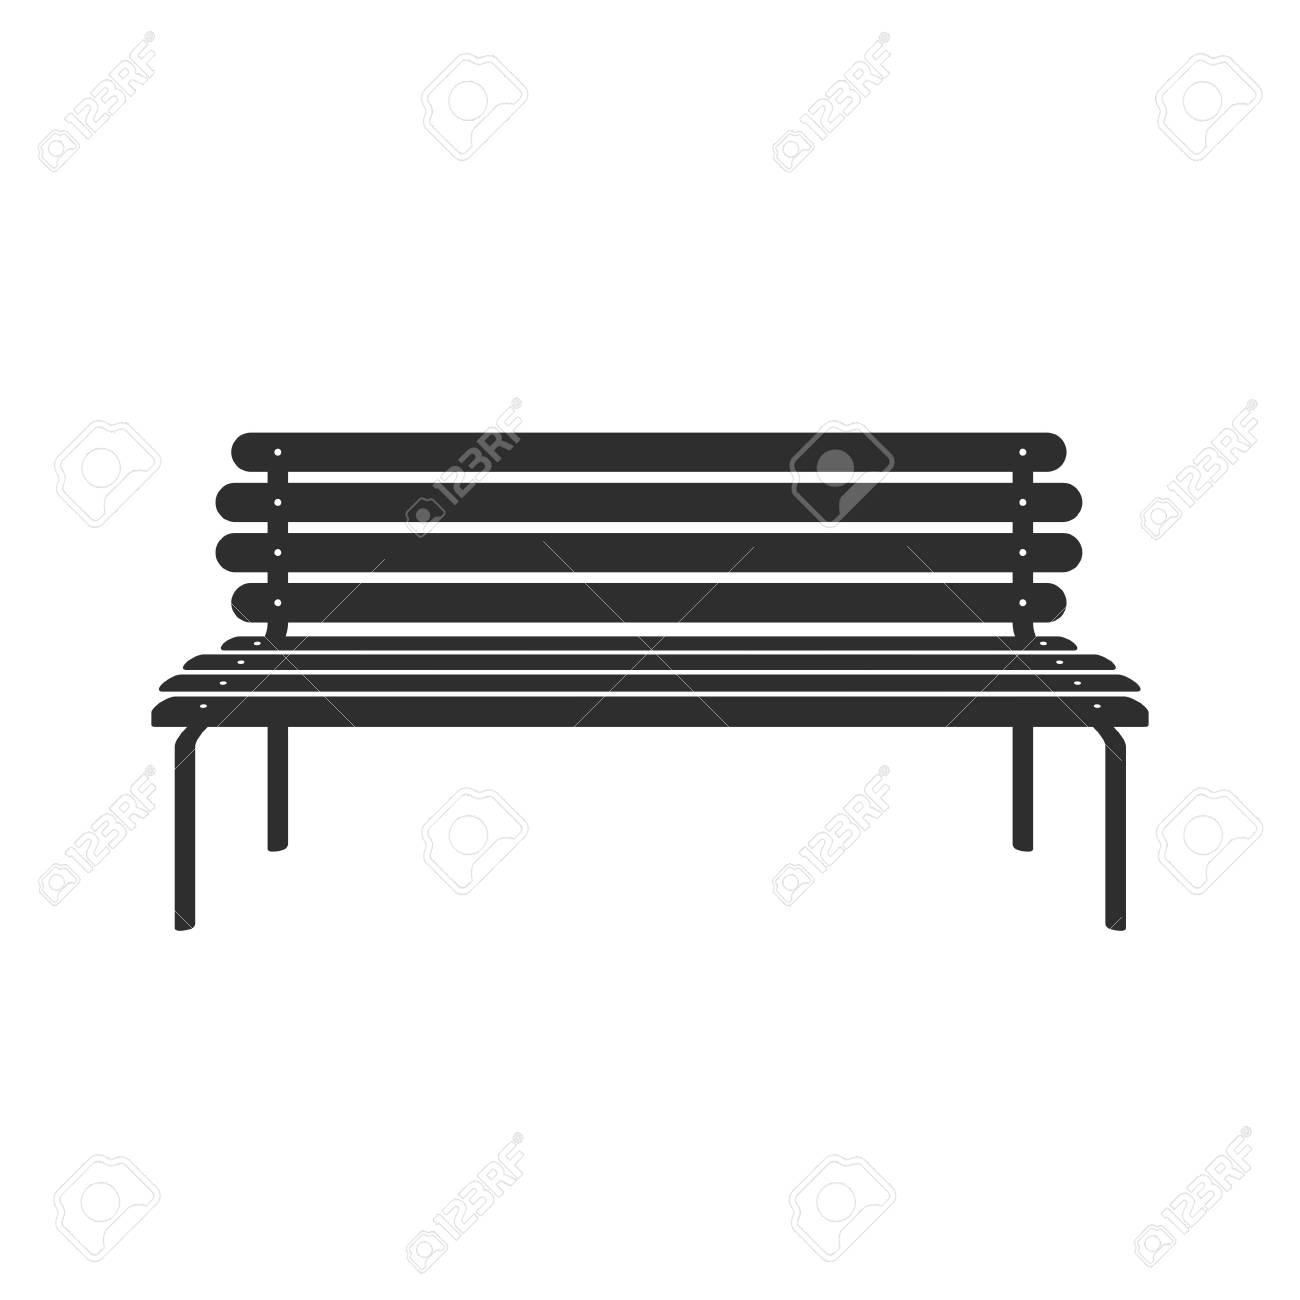 Icône de banc isolée sur fond blanc. Parc icône banc en style plat